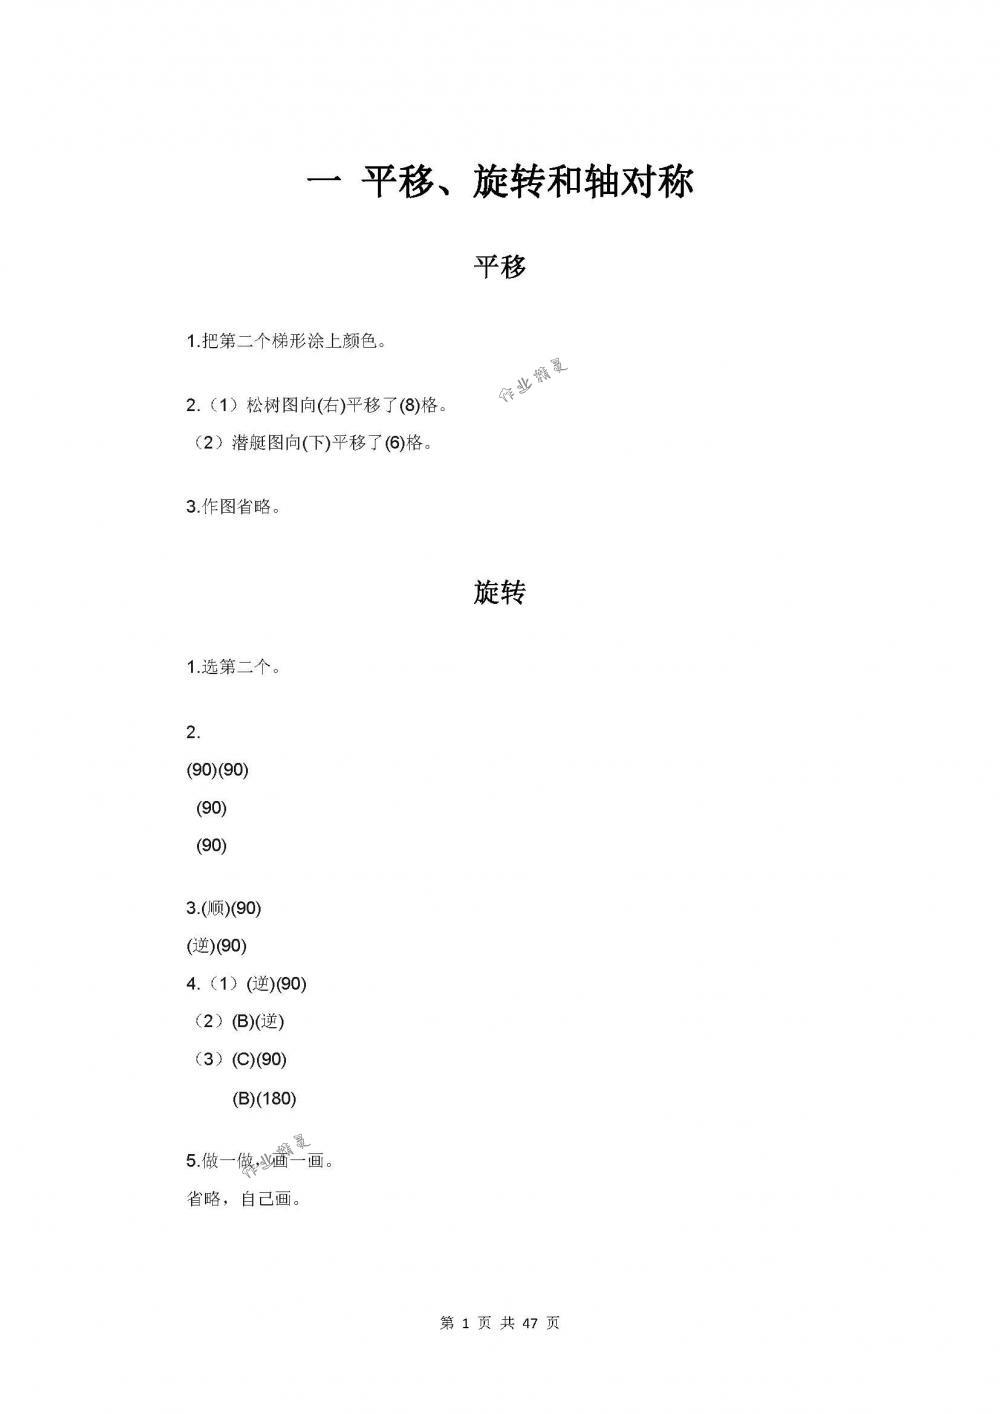 2018年数学补充习题四年级下册苏教版江苏凤凰教育出版社第1页